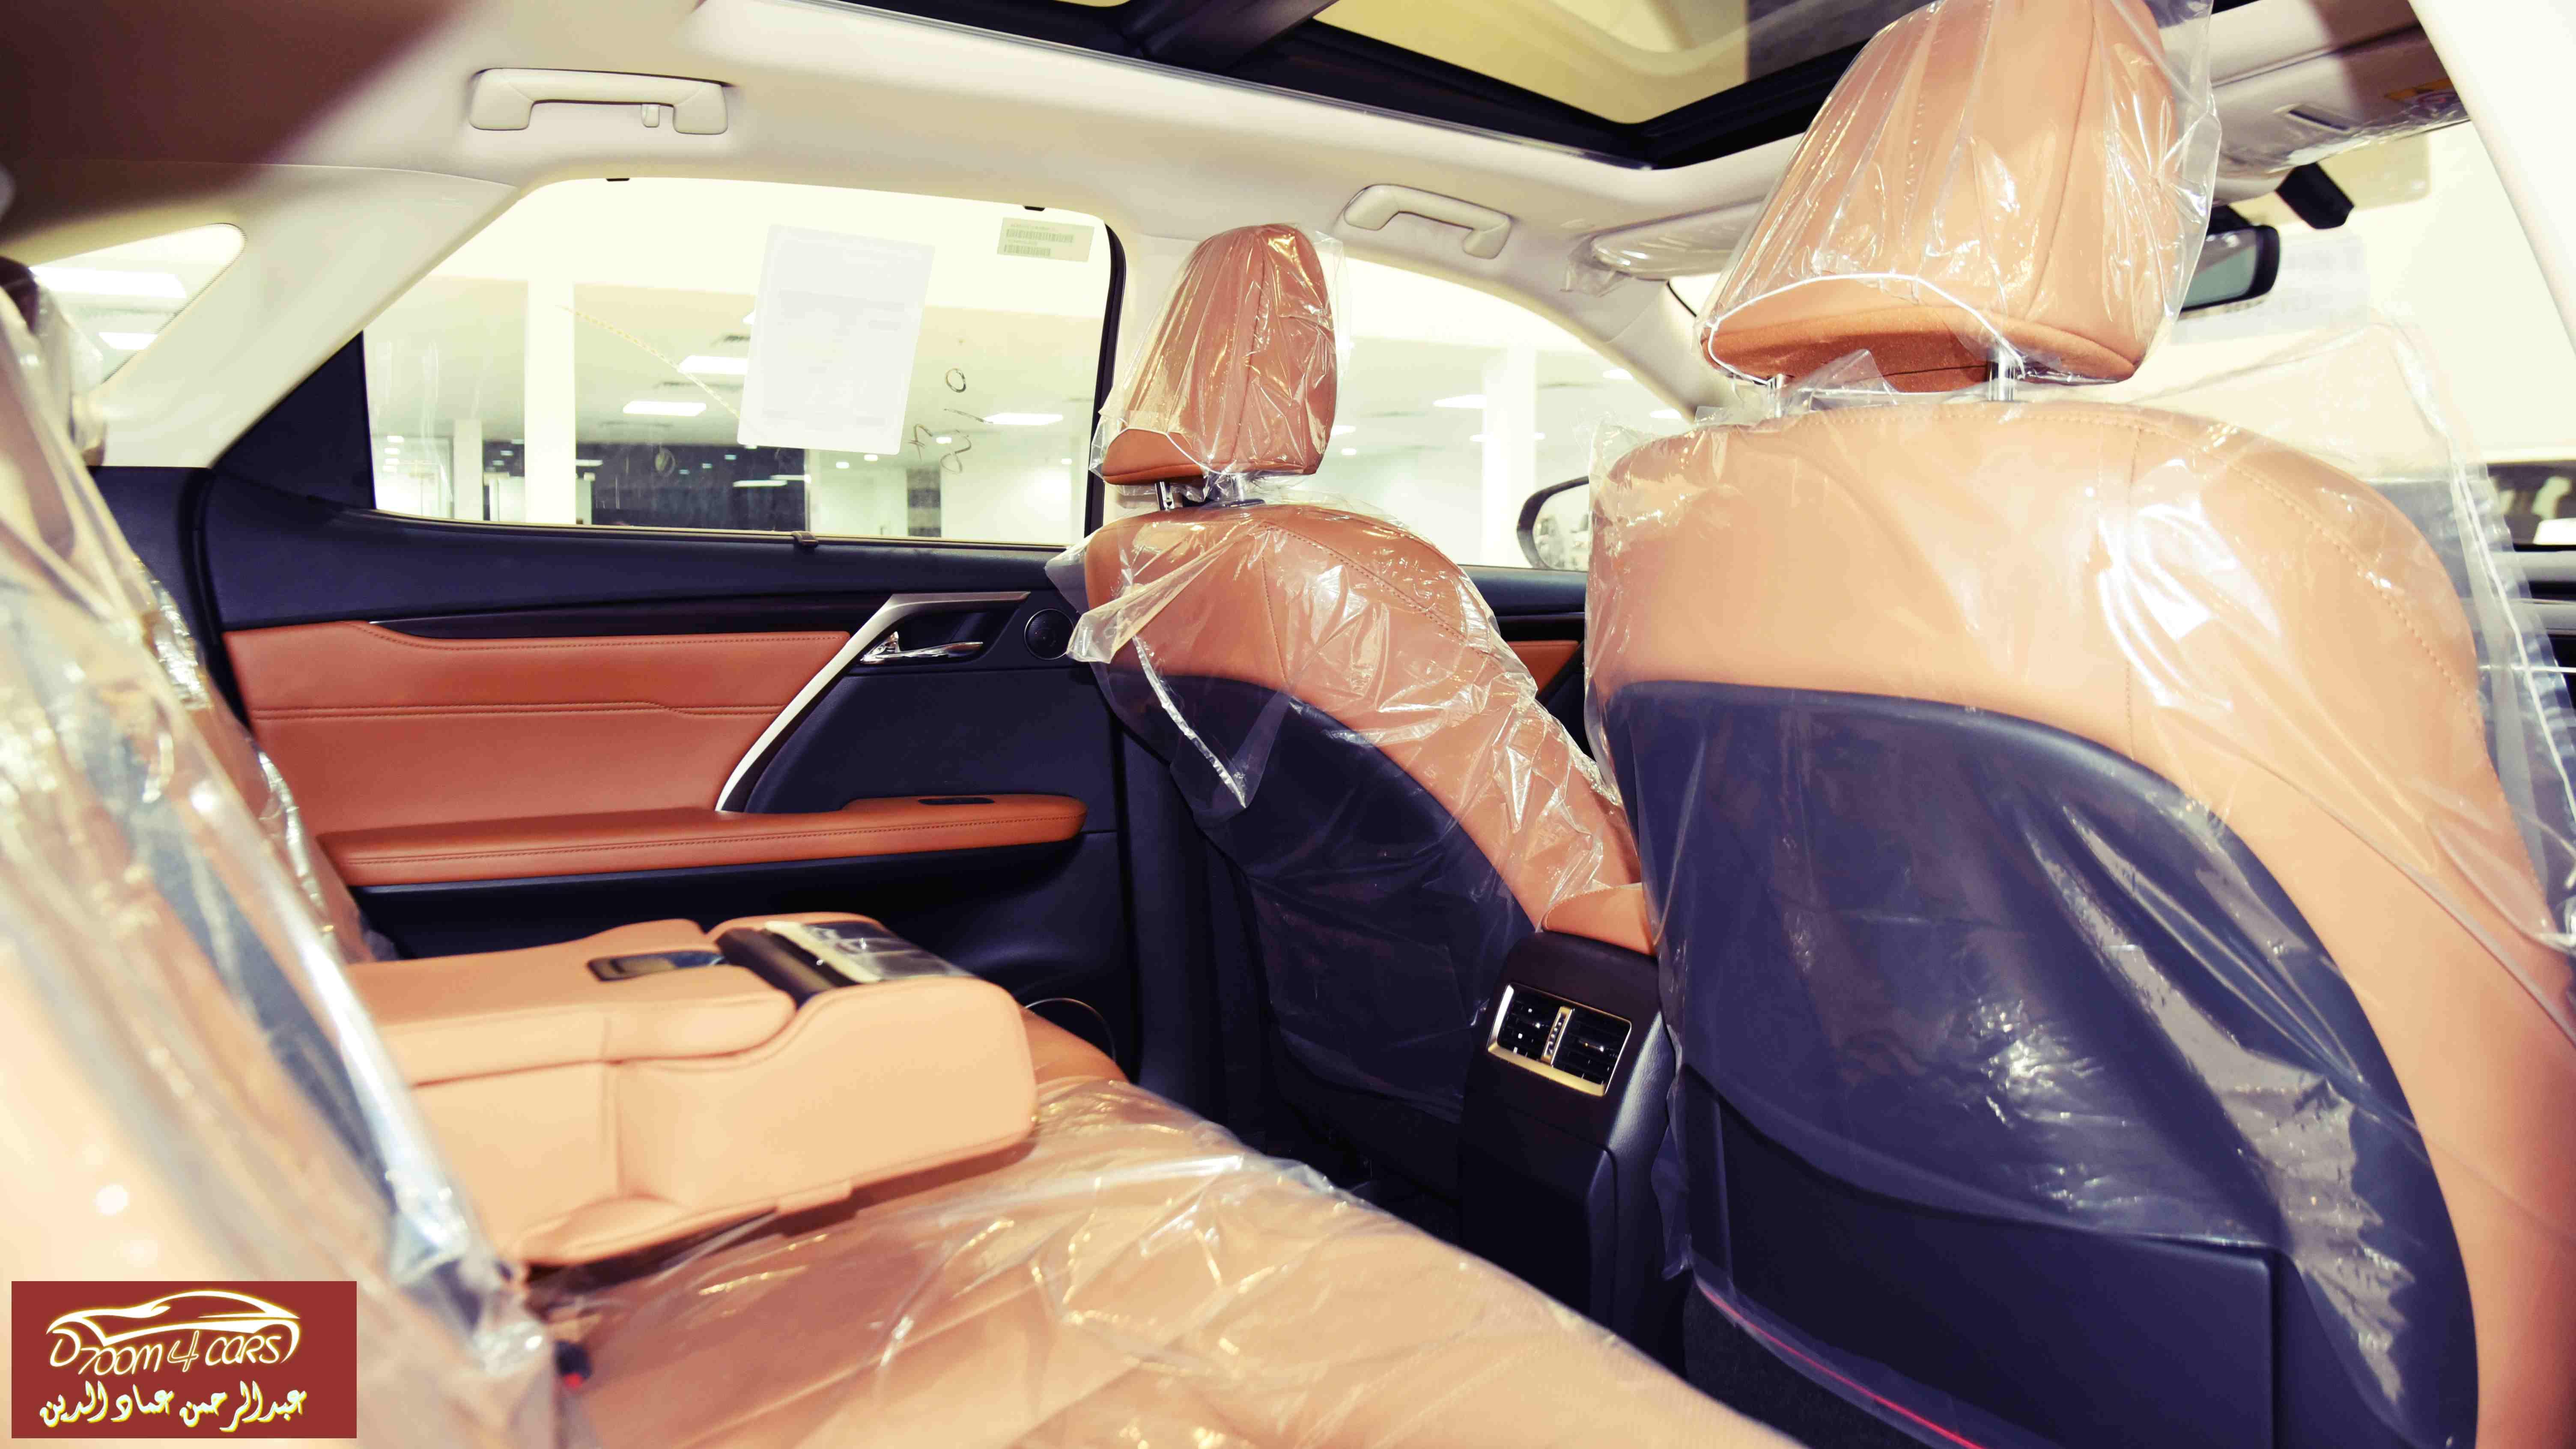 لكزس RX 450 هايبرد 2020 سعودي 258.750 شامل الضريبة عرض خاص  للبيع في الرياض - السعودية - صورة كبيرة - 7